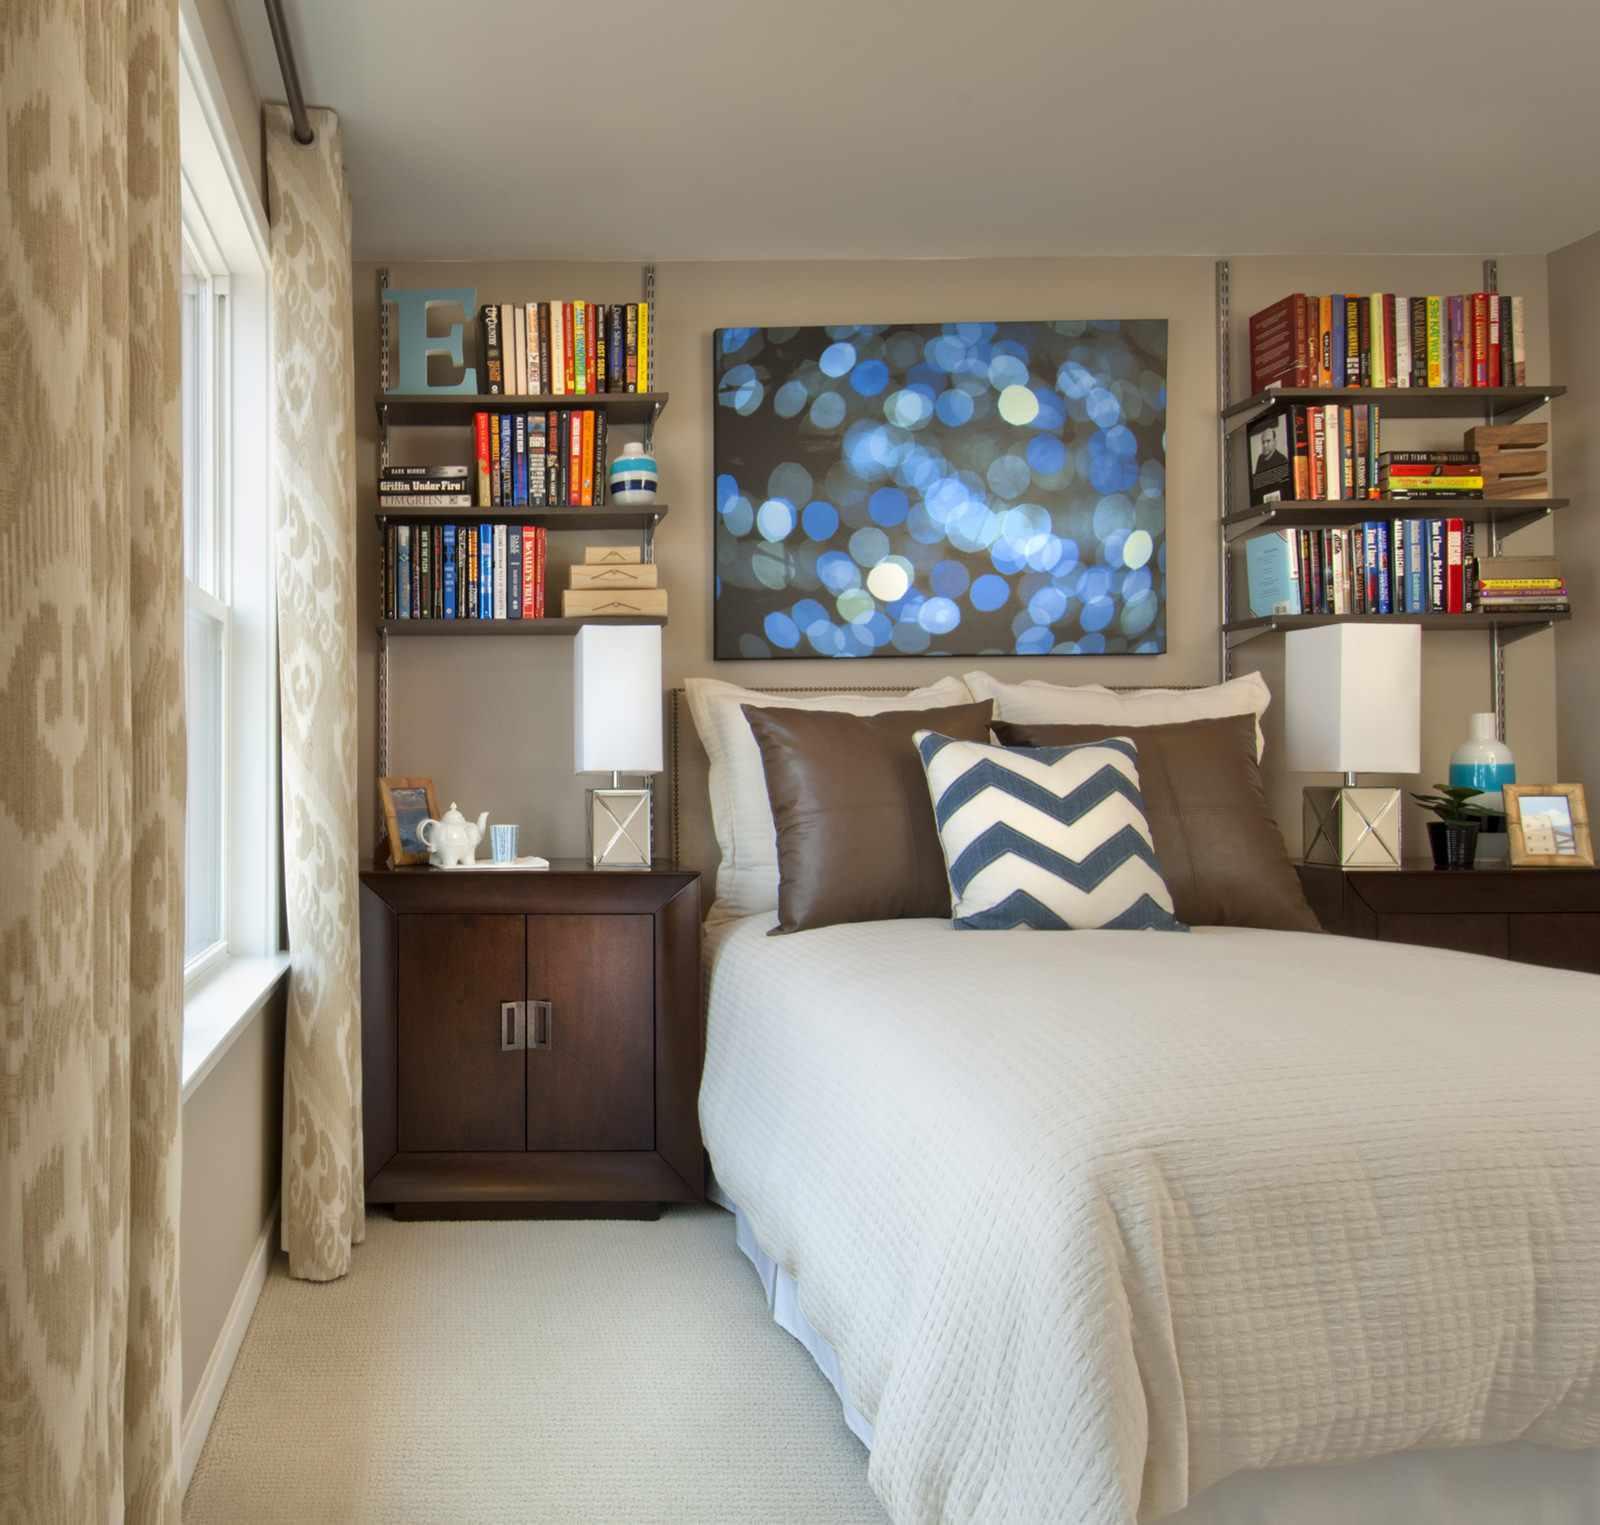 l'idée d'une chambre étroite de style lumineux